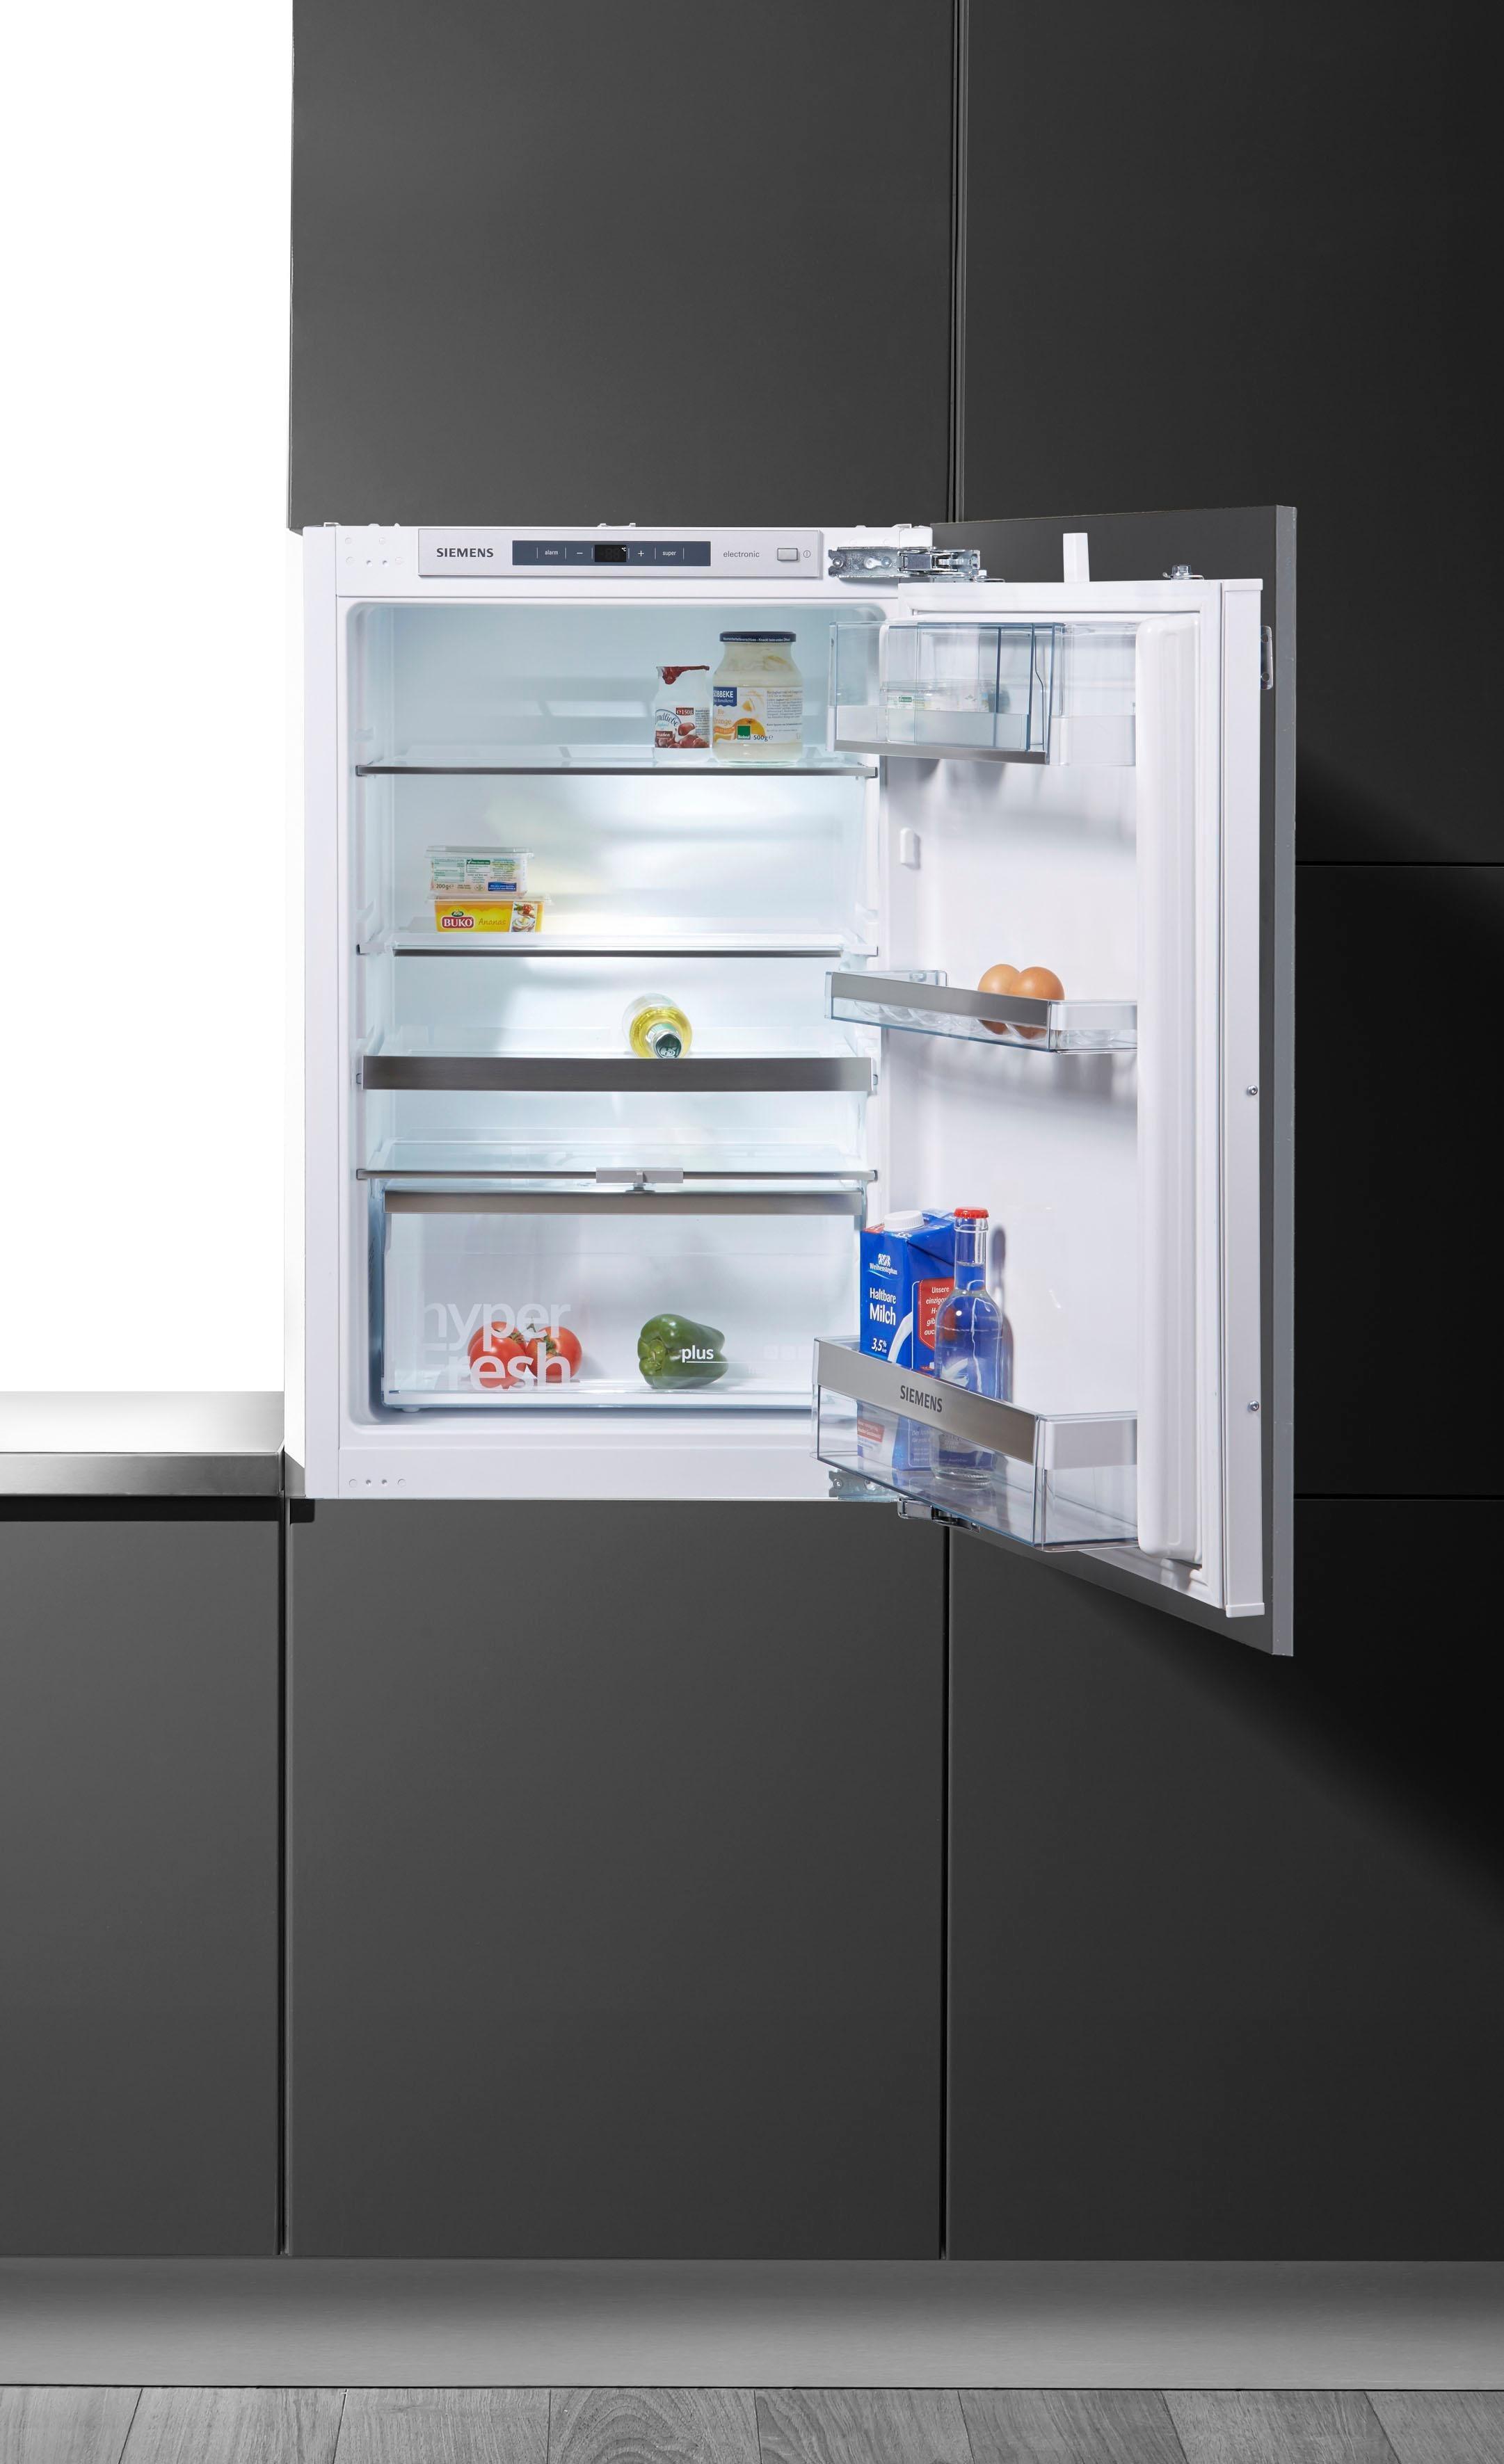 Einbaukühlschrank KI21RAD40, 87,4 cm hoch, 55,8 cm breit, Energieklasse A+++, 87,4 cm hoch